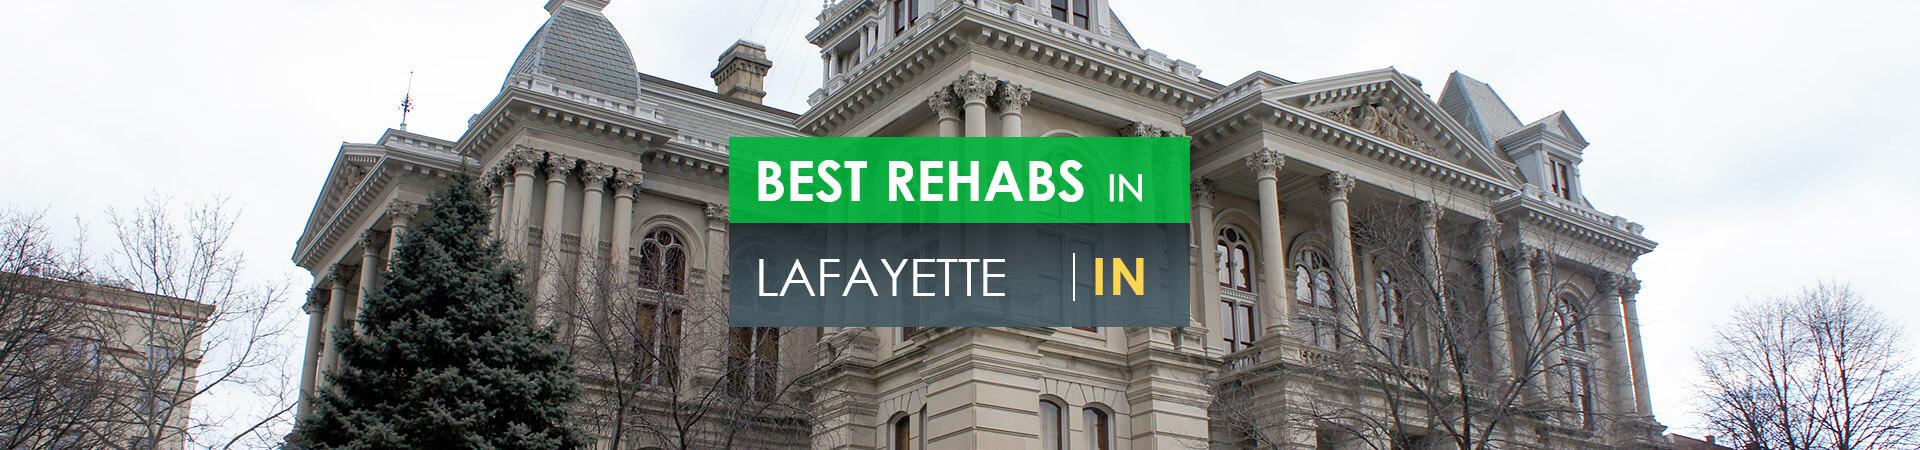 Best rehabs in Lafayette, IN